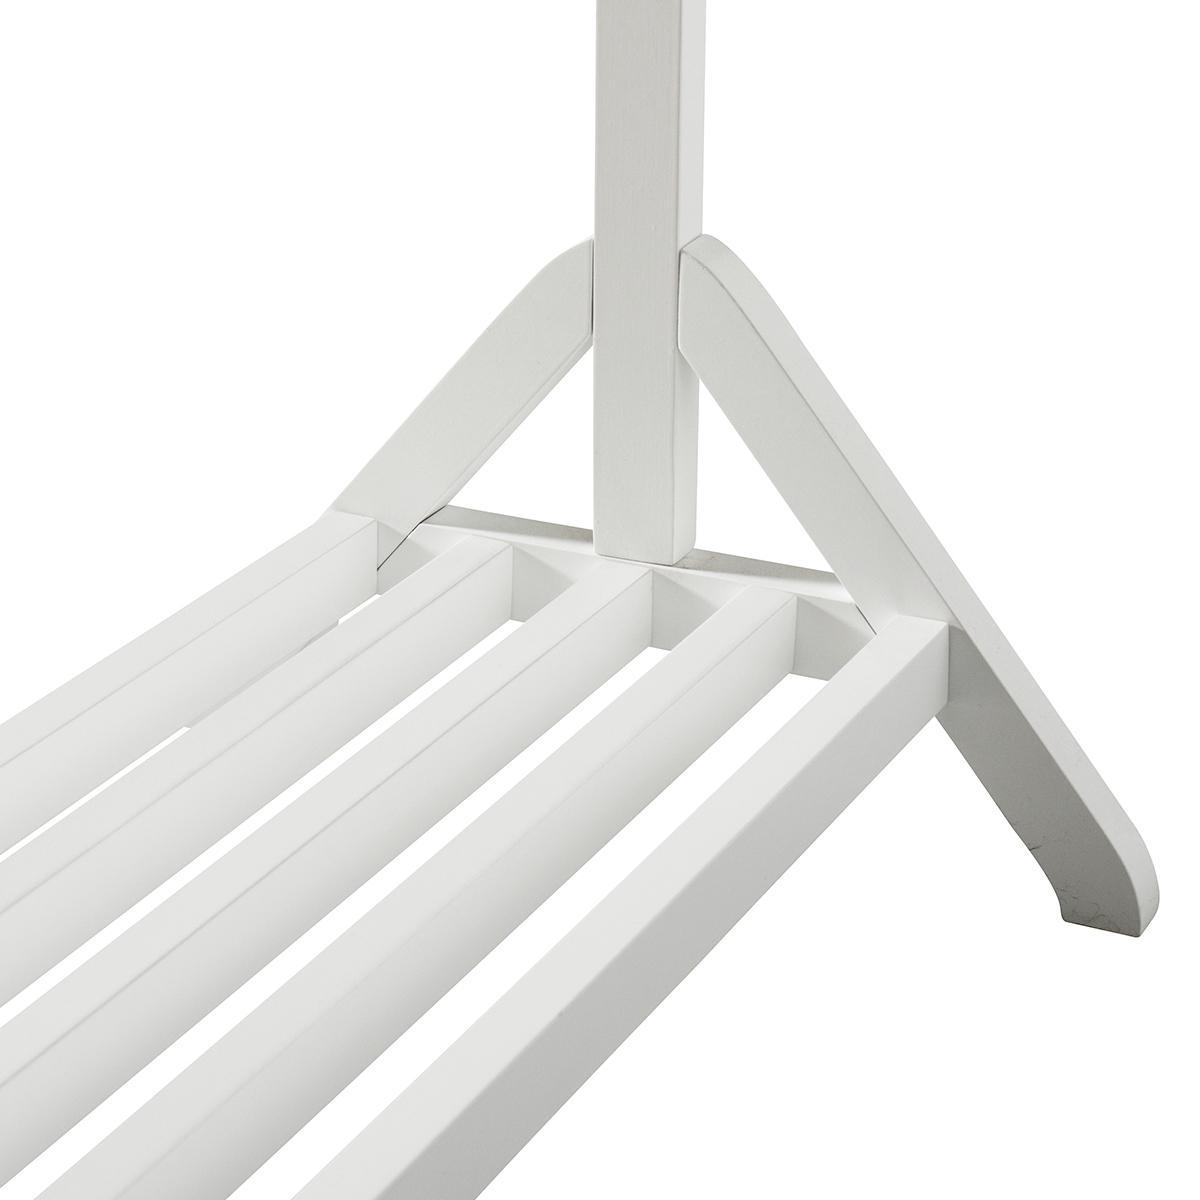 Porte-manteaux SEASIDE Oliver Furniture blanc